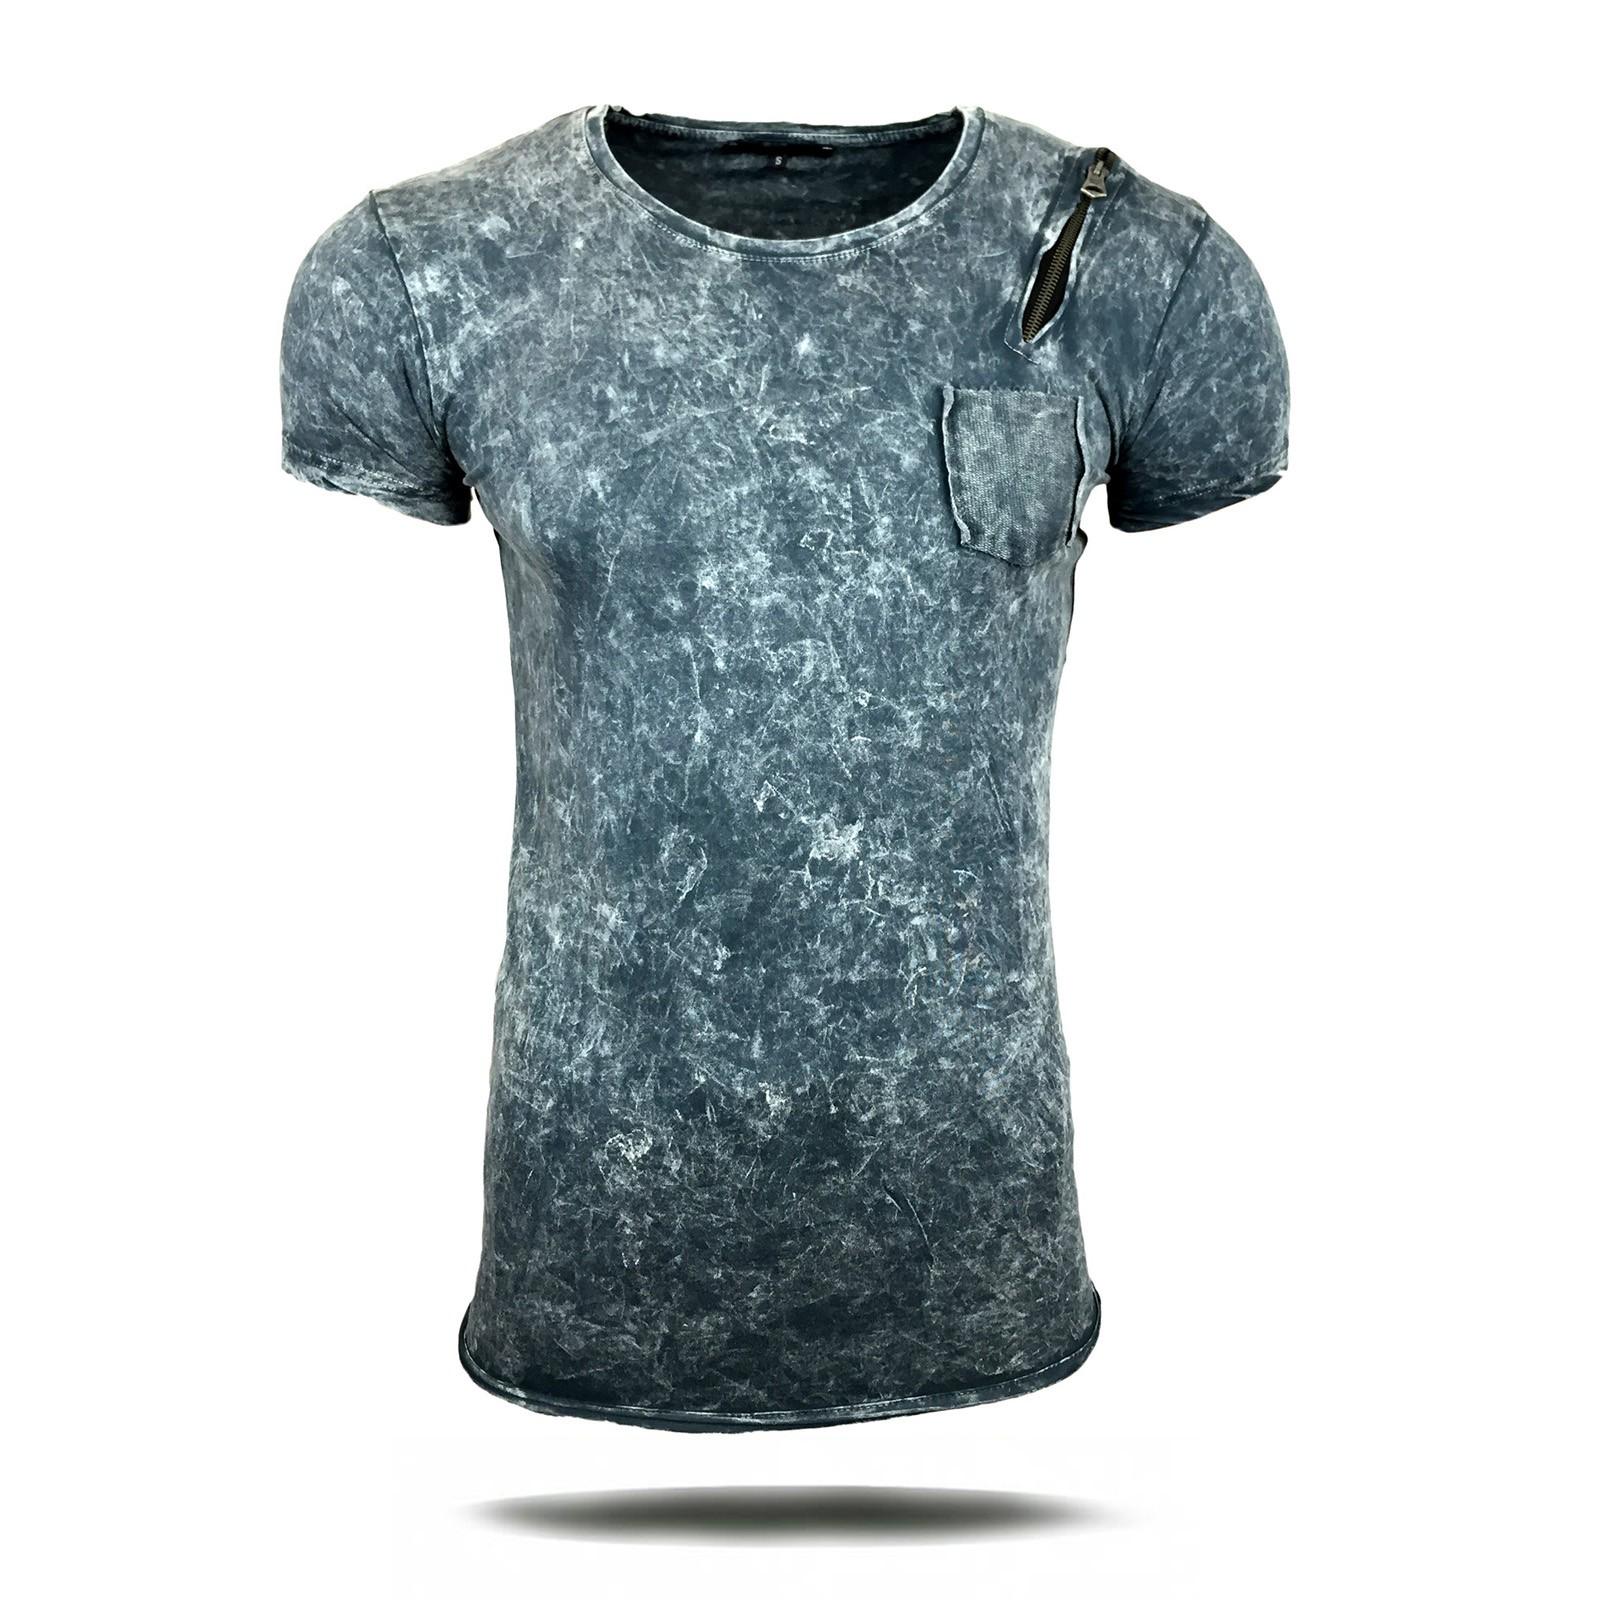 shirt herren mit rei verschluss a1 rn6844 y herren t shirts kurzarm. Black Bedroom Furniture Sets. Home Design Ideas